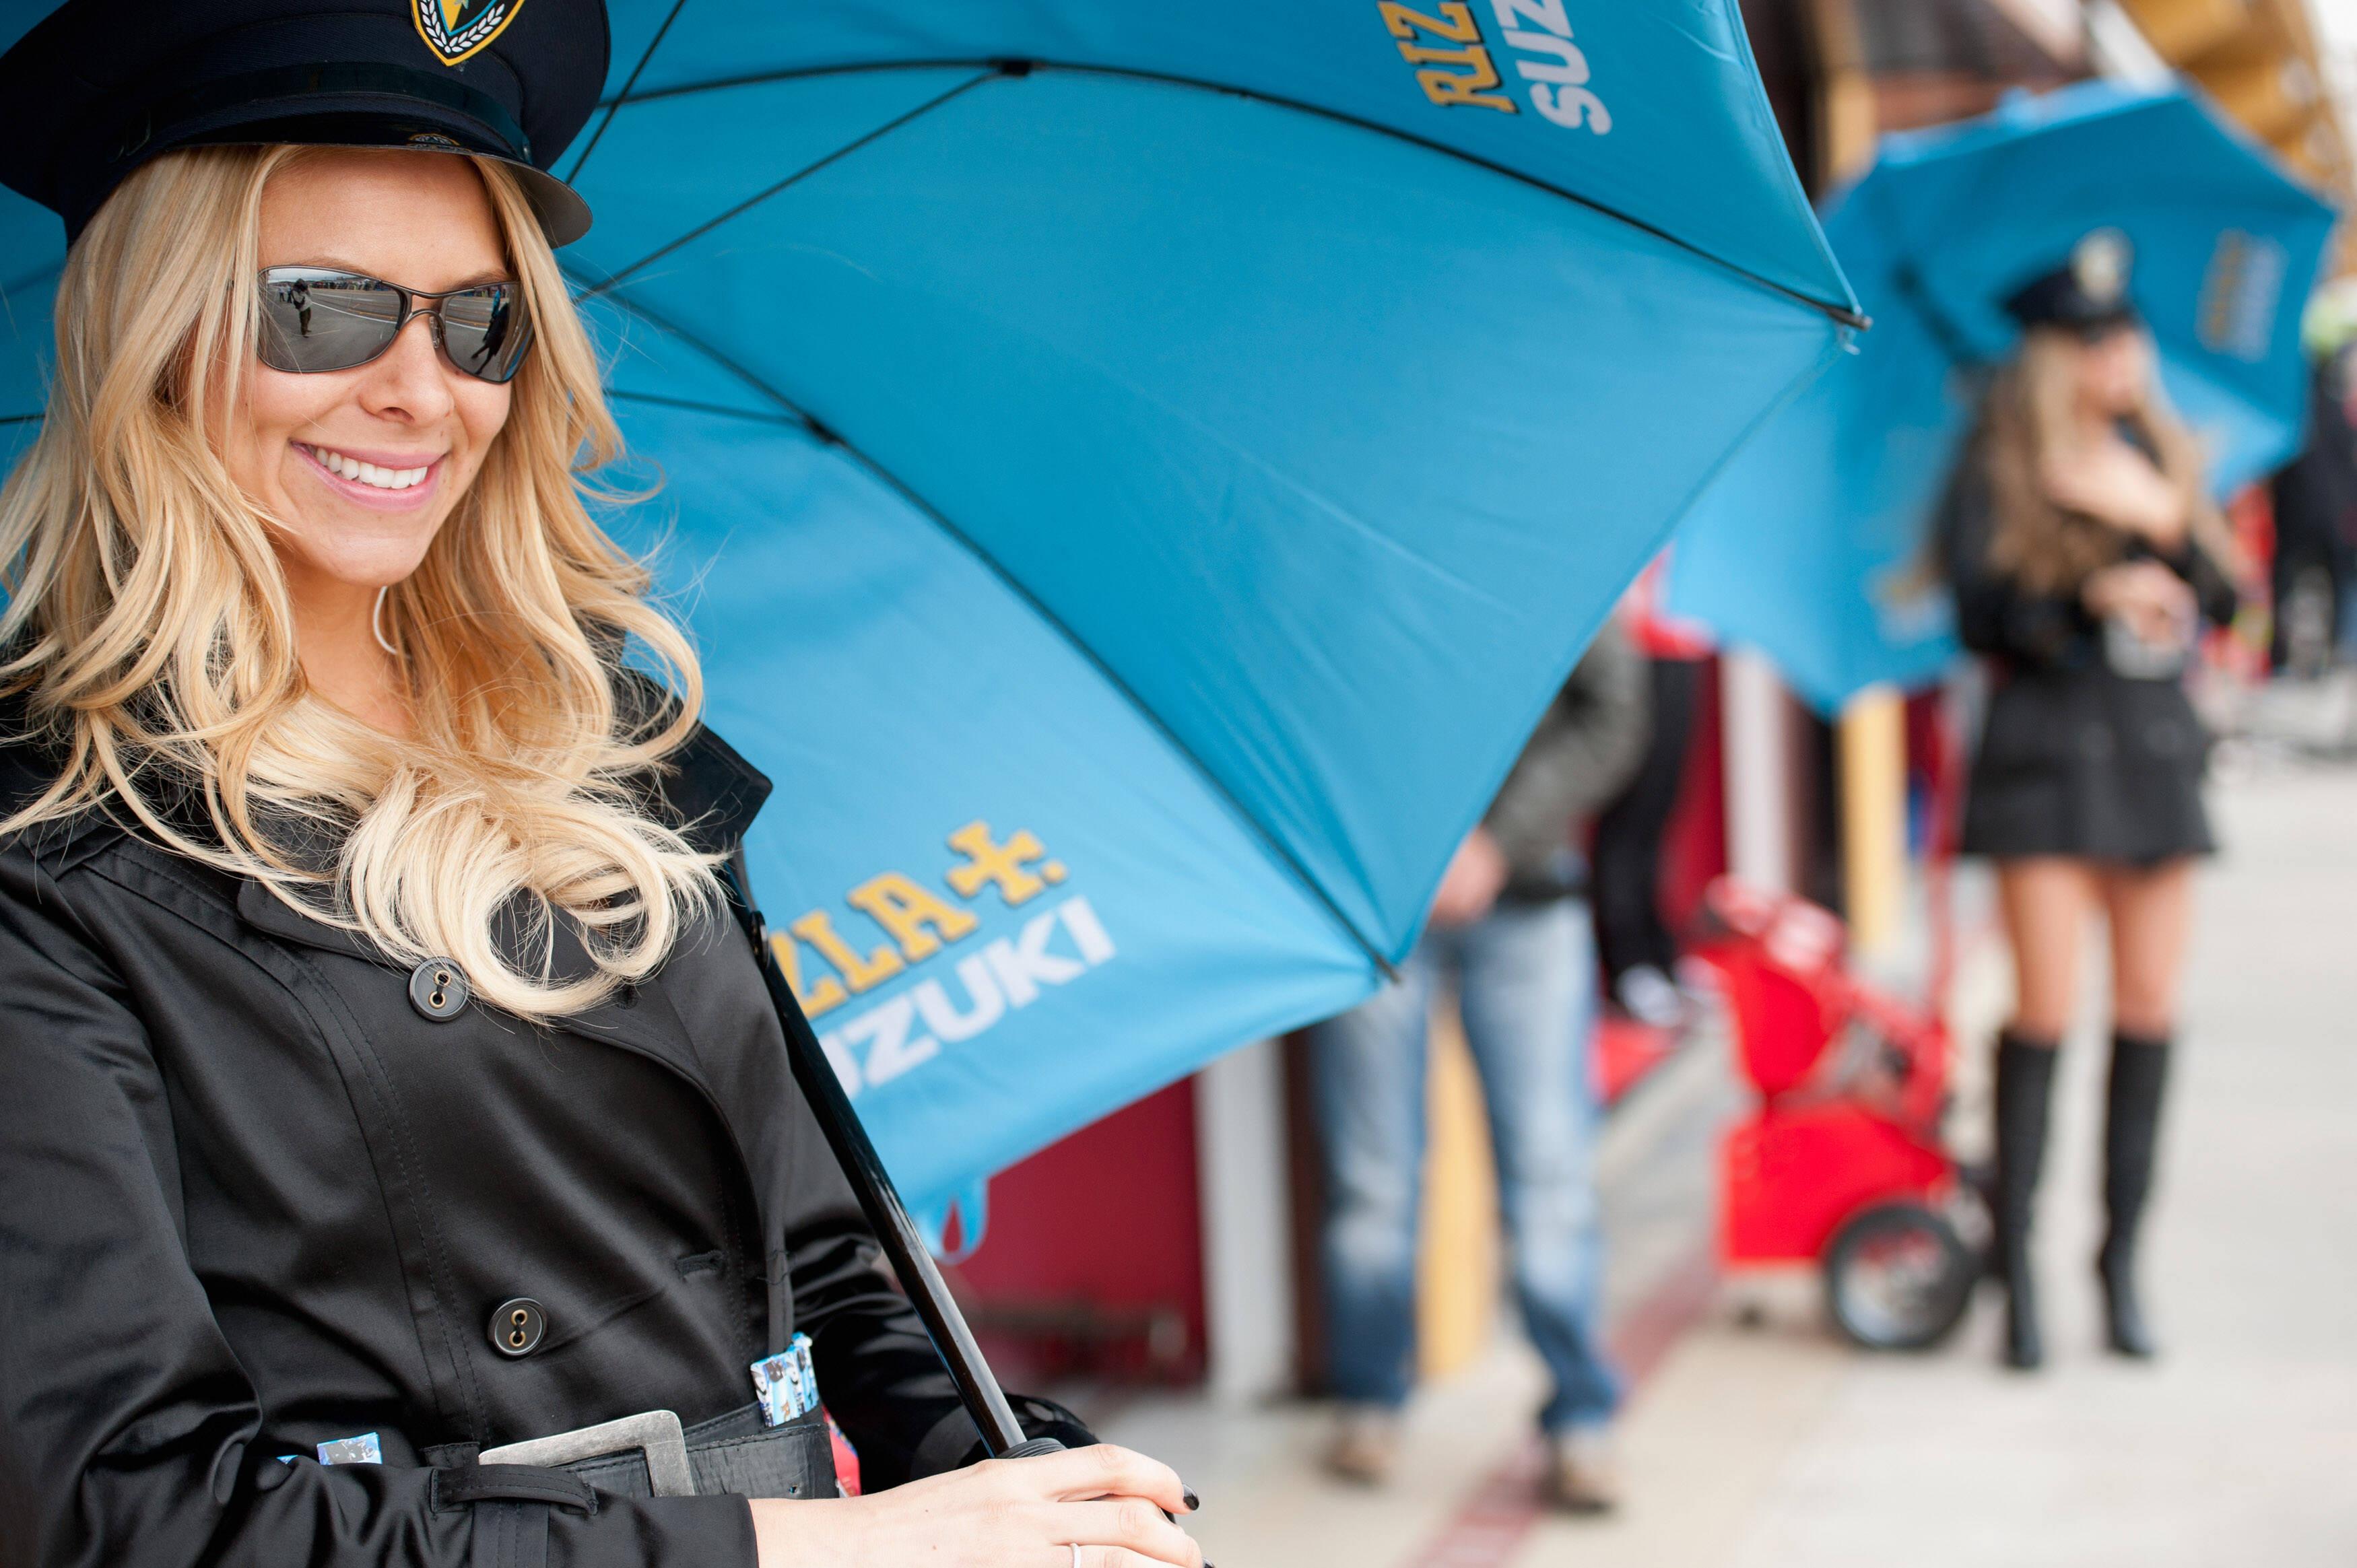 Muitas modelos estiveram presente na prova final da temporada da MotoGP. Foto: Getty Images